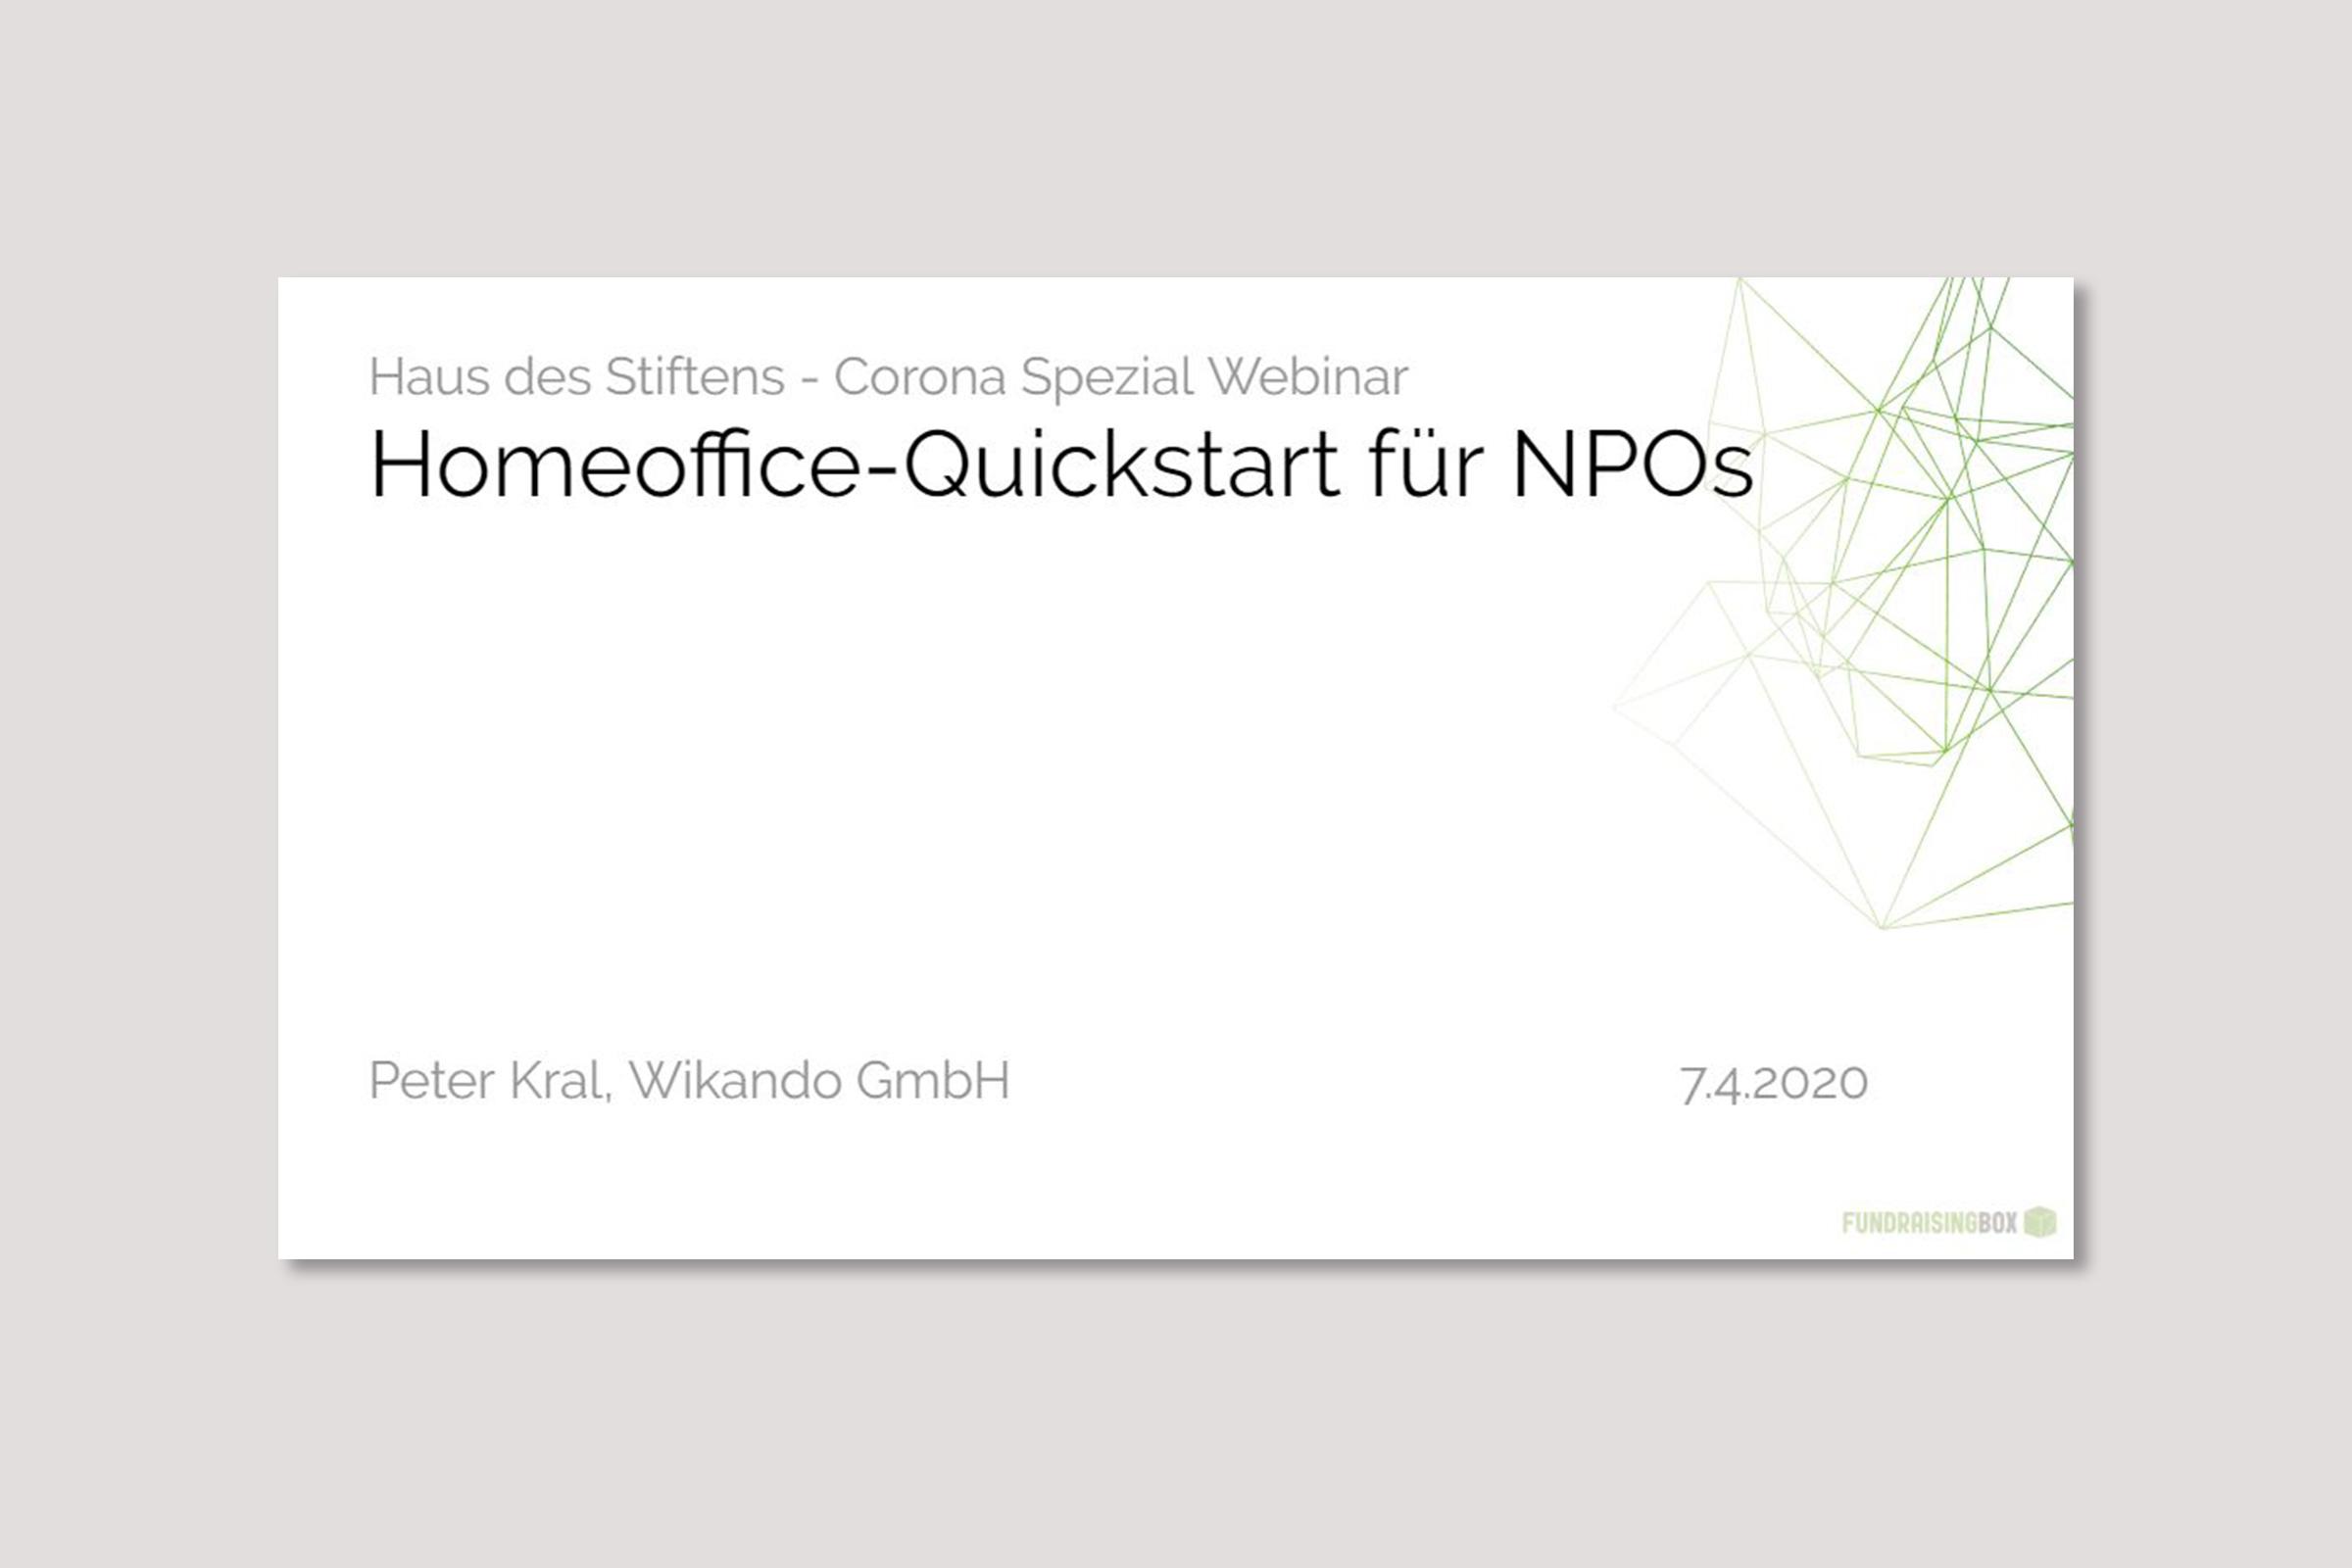 Webinar Homeoffice-Quickstart für NPOs